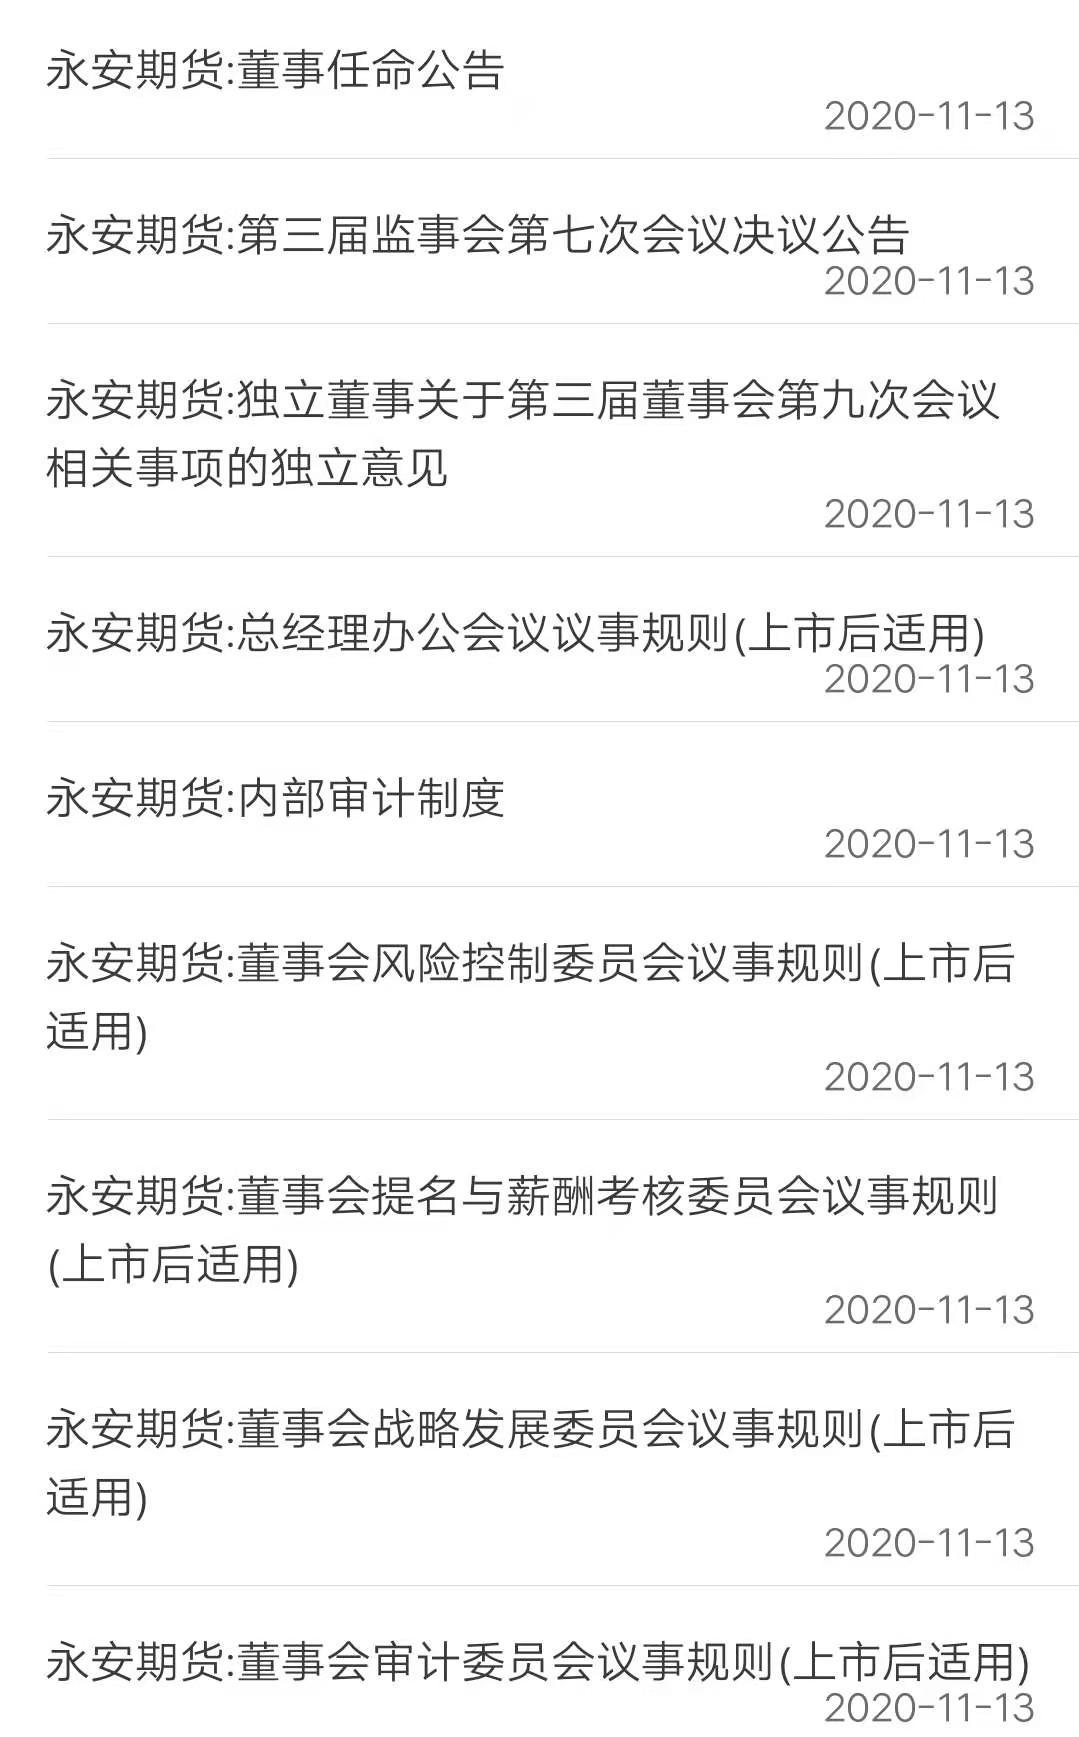 永安期货连发多份上市后适用制度 将在上海证券交易所主板上市?